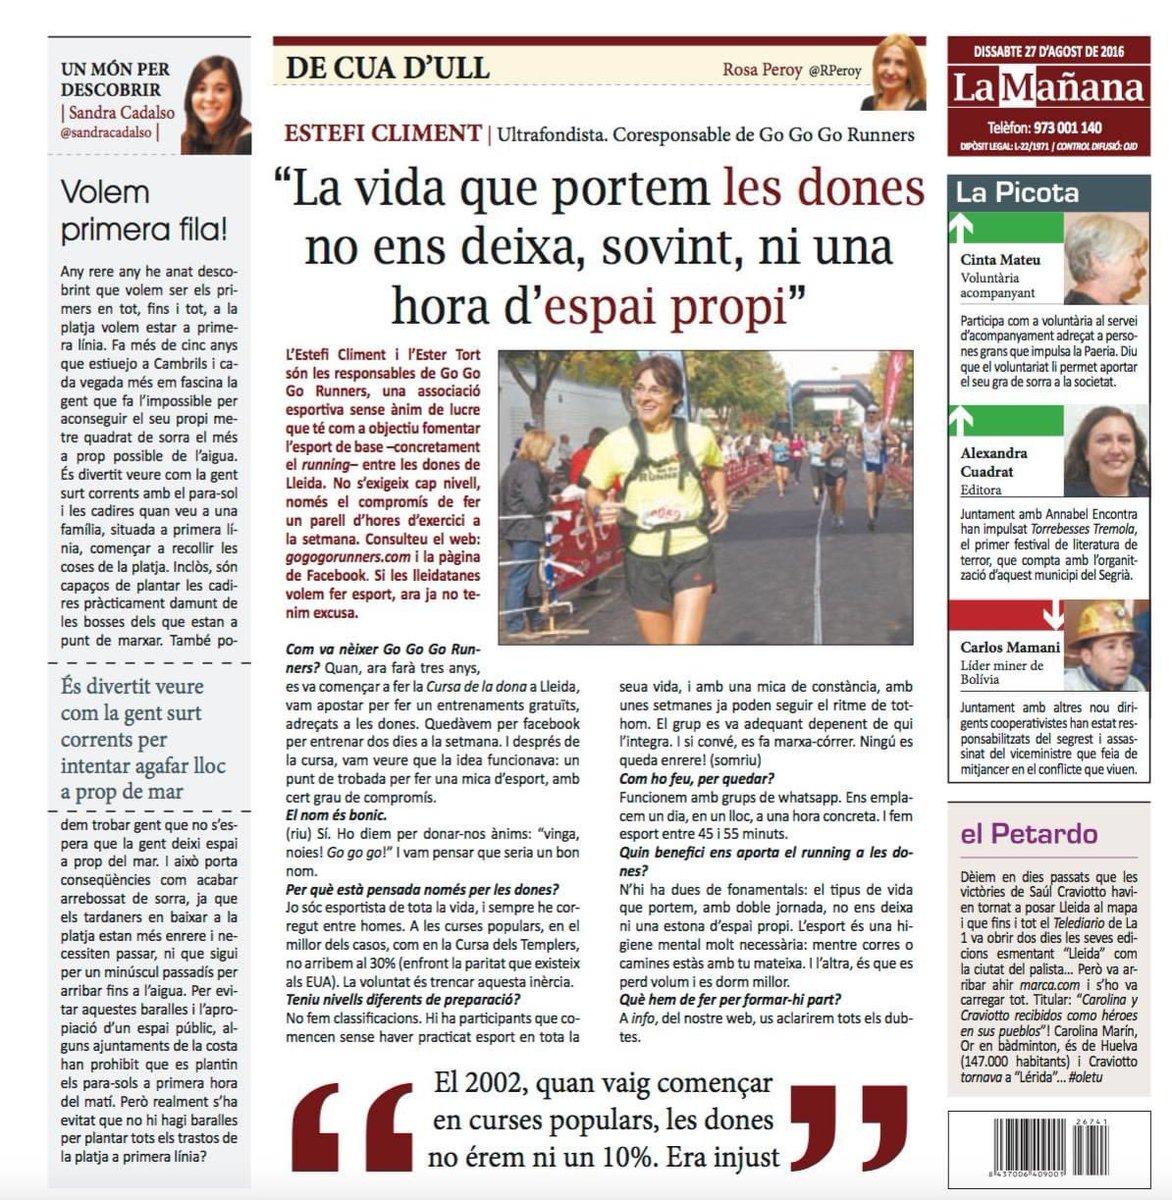 """Avui, volem recordar l'entrevista que va fer Rosa Peroy a Estefi Climent per @LaManyanacat l'agost de 2016.   """"La vida que portem les dones no ens deixa, sovint, ni una hora d'espai propi""""   #donaiesportlleida #donaiesport #gogogorunners https://t.co/dJP5QYaq8a"""